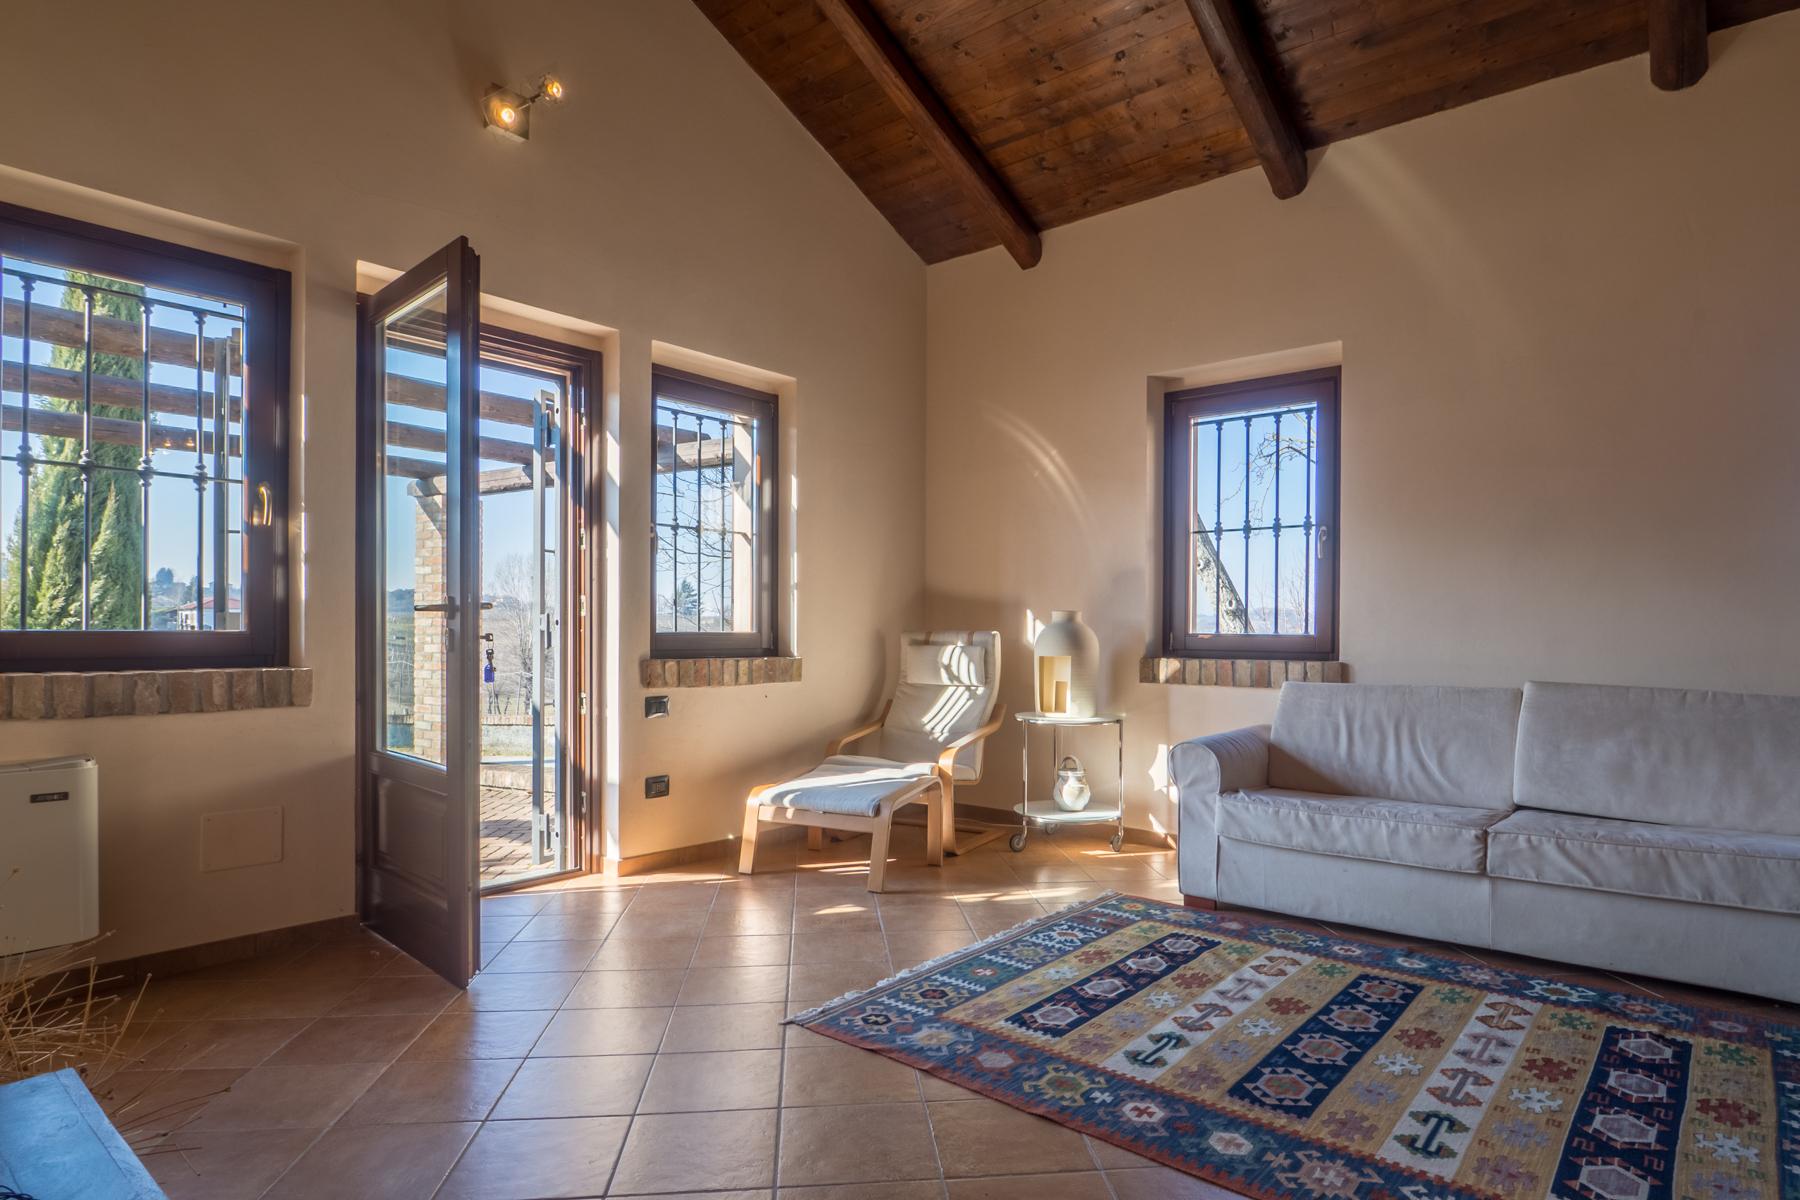 Villa in Vendita a Nizza Monferrato: 5 locali, 400 mq - Foto 5